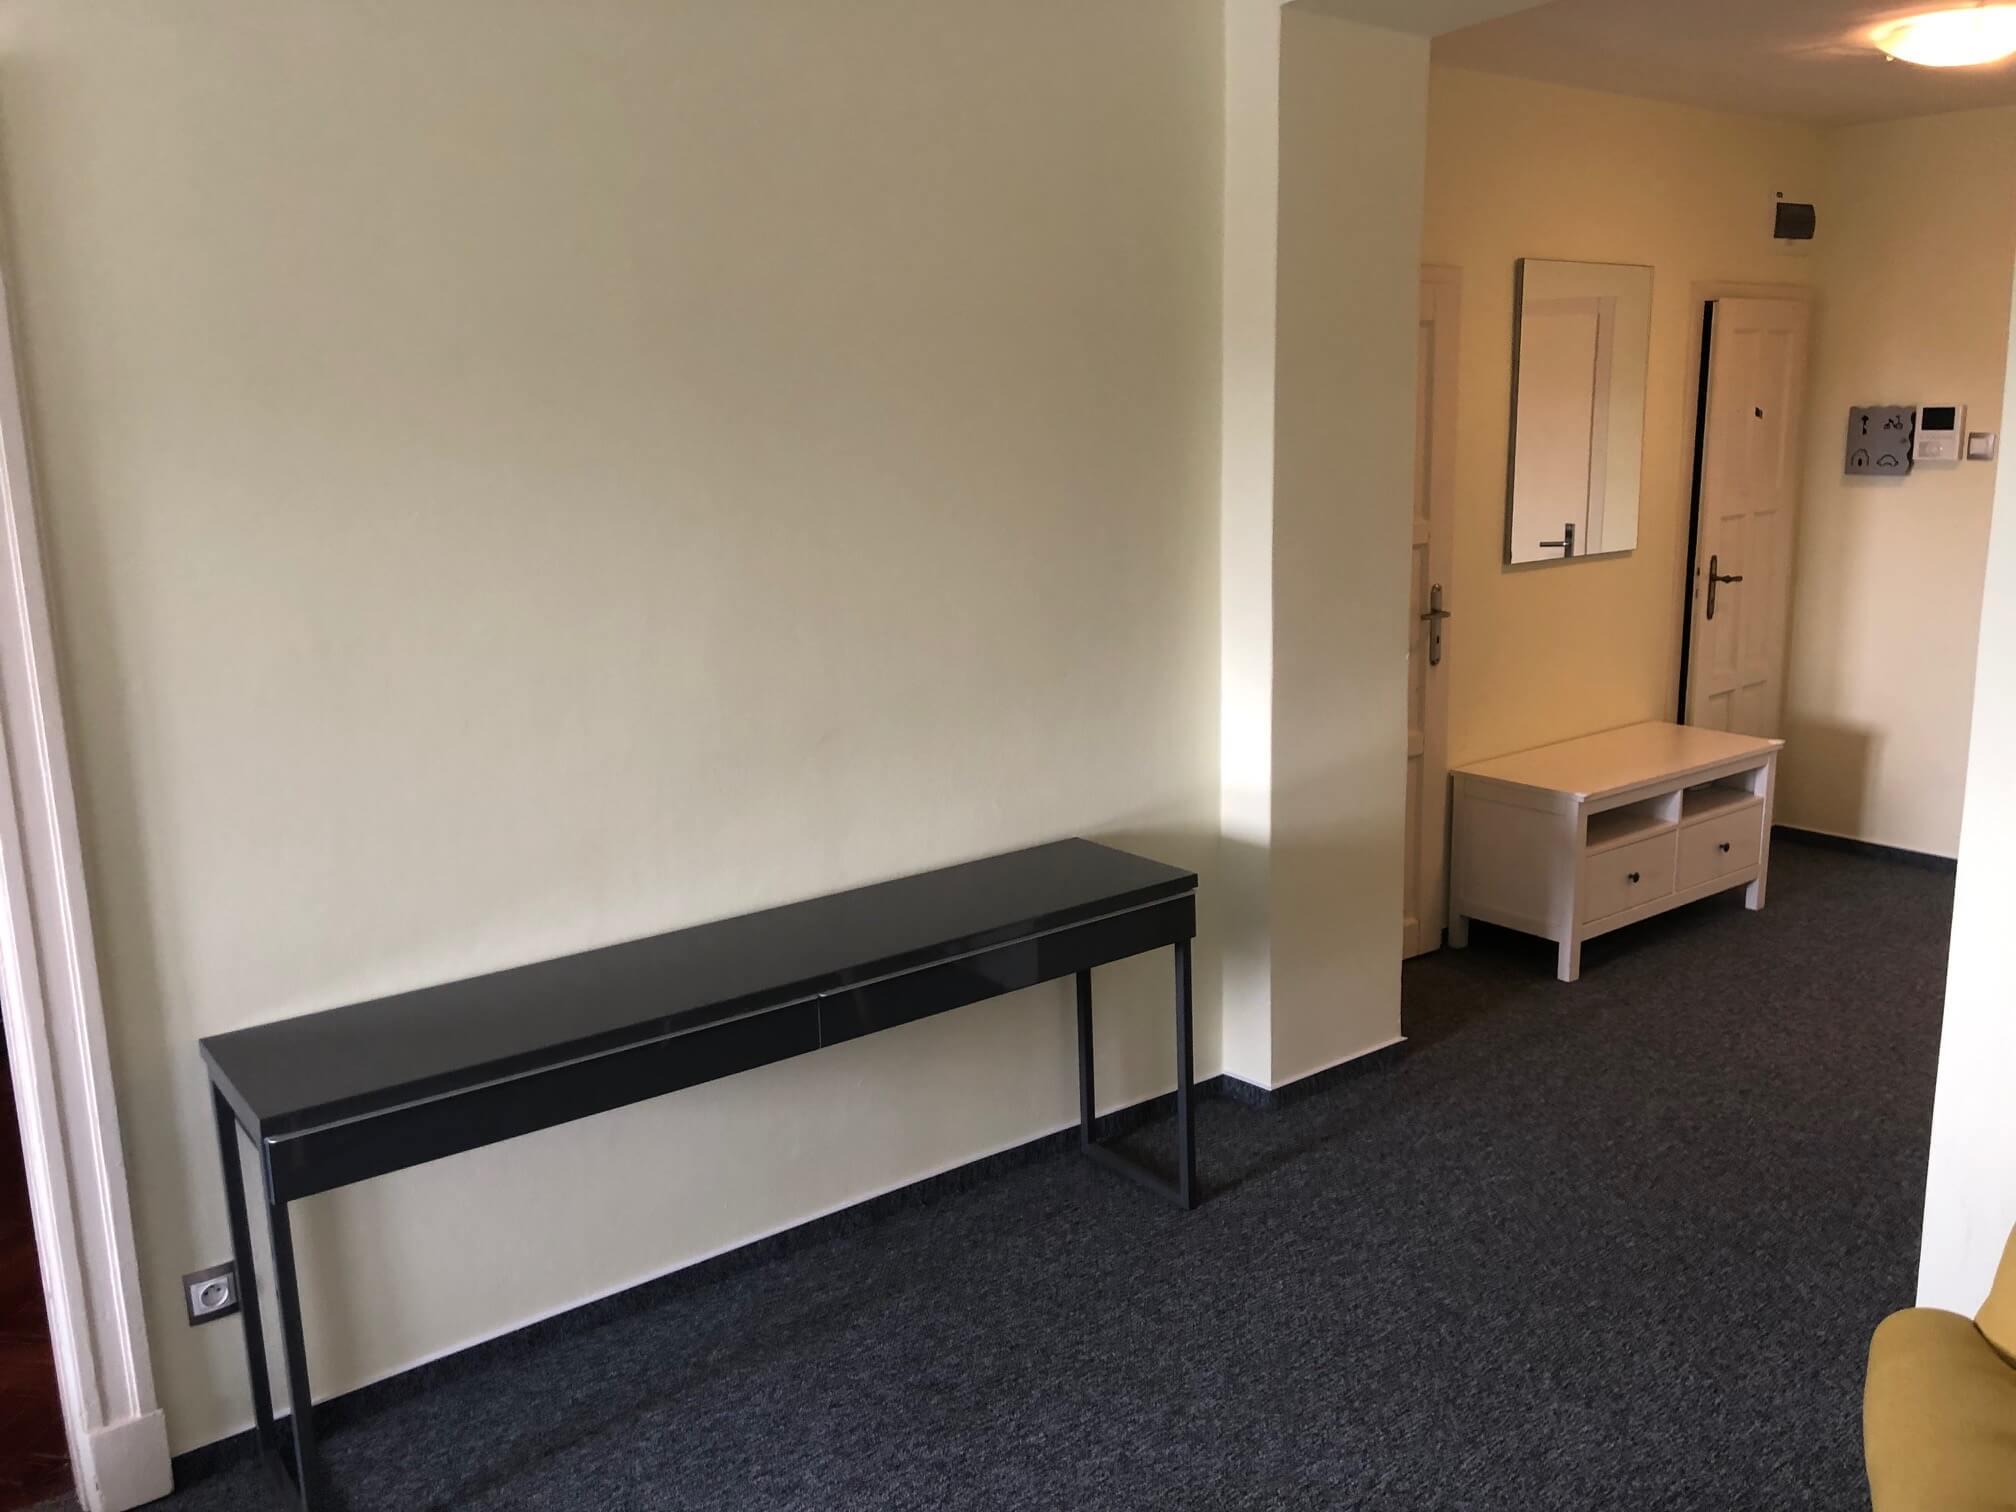 Prenajaté: Na prenájom exkluzívne 2 izbový byt, 73,34m2, v Centre BA, Gorkeho 7, 7 poschodie-8